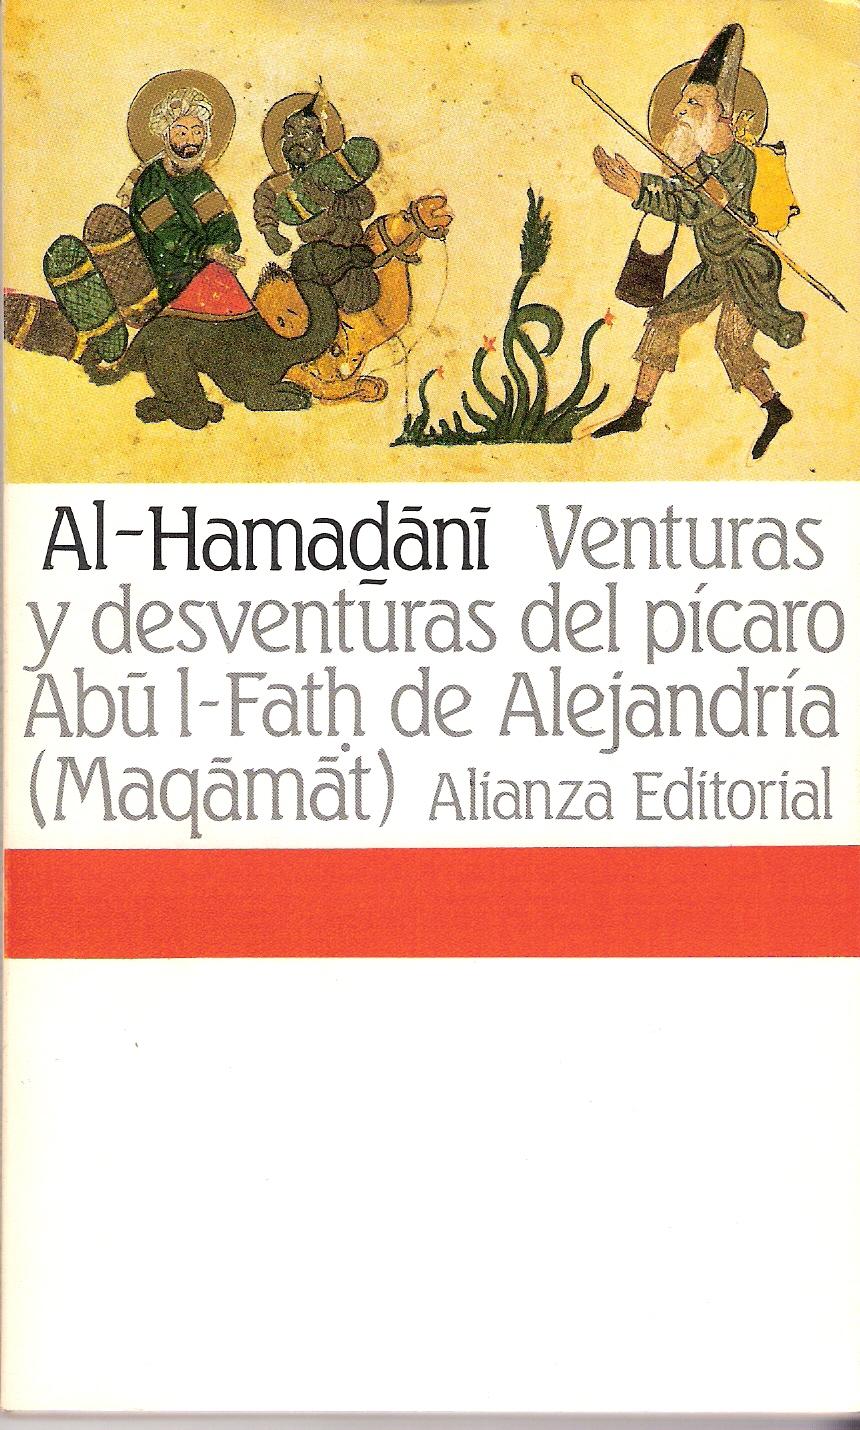 Venturas y desventuras del Picaro Abu I-fath